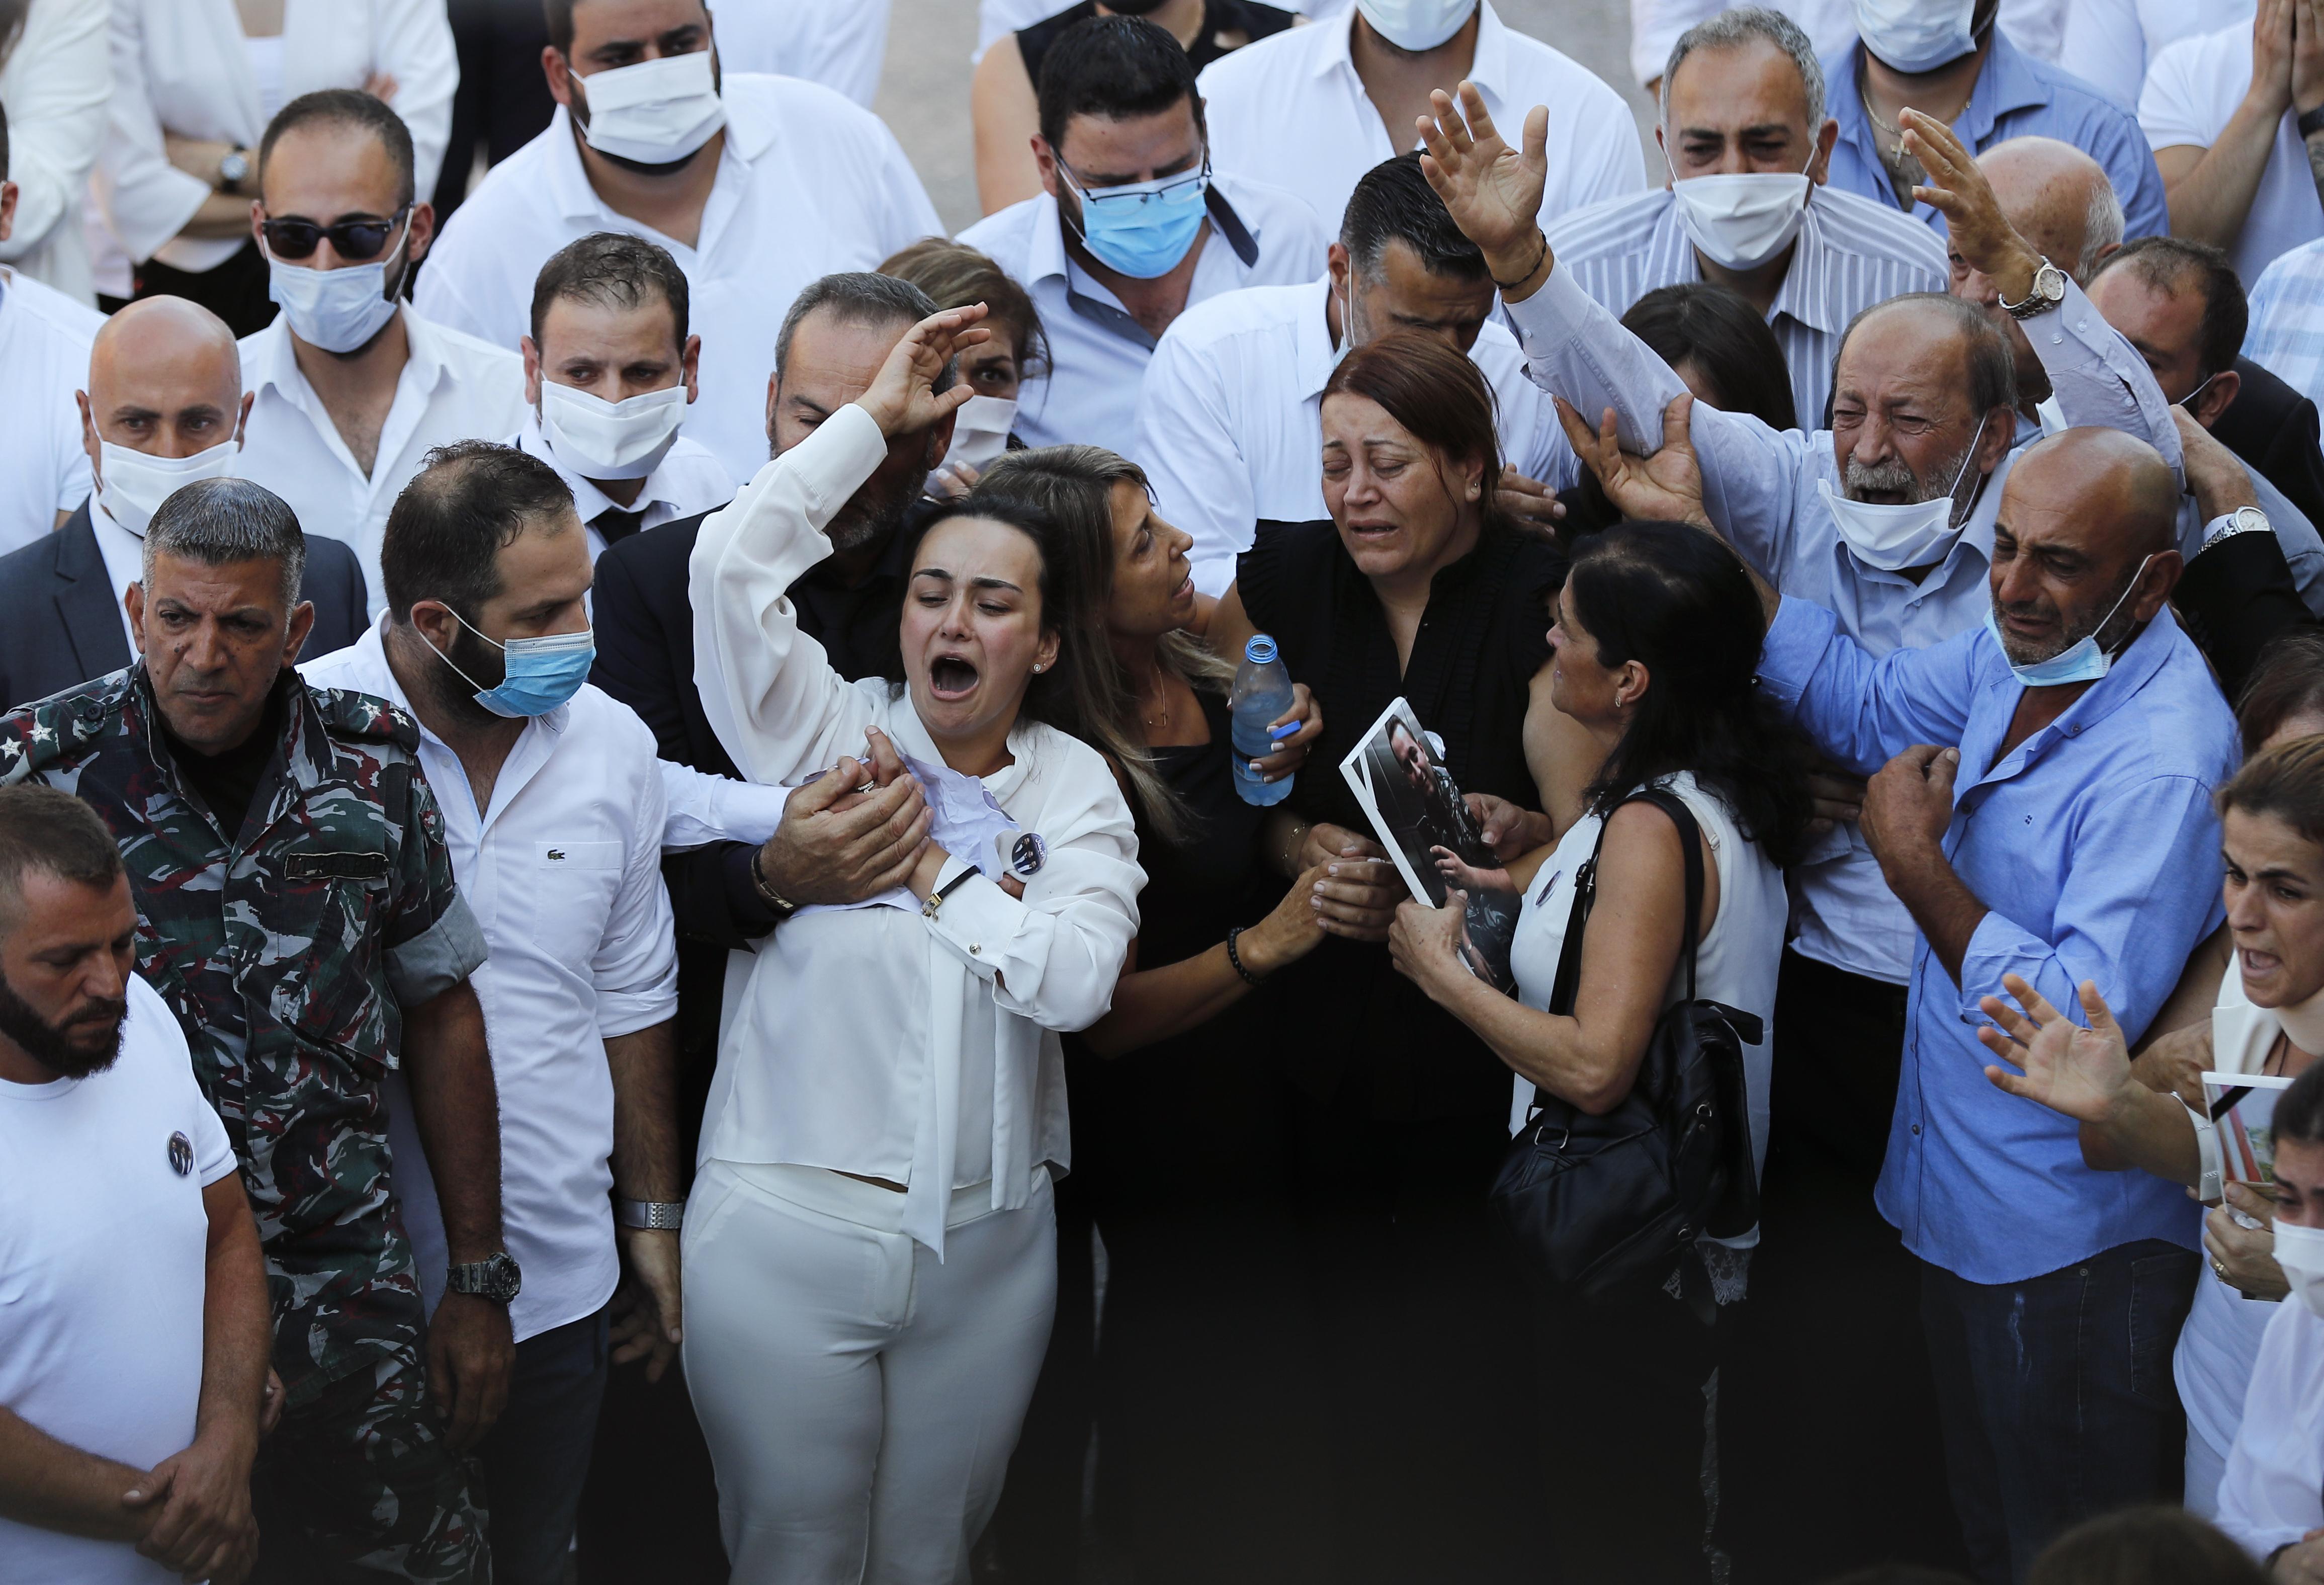 Sharp Rise In Virus Cases In Lebanon After Deadly Port Blast Fox 46 Charlotte